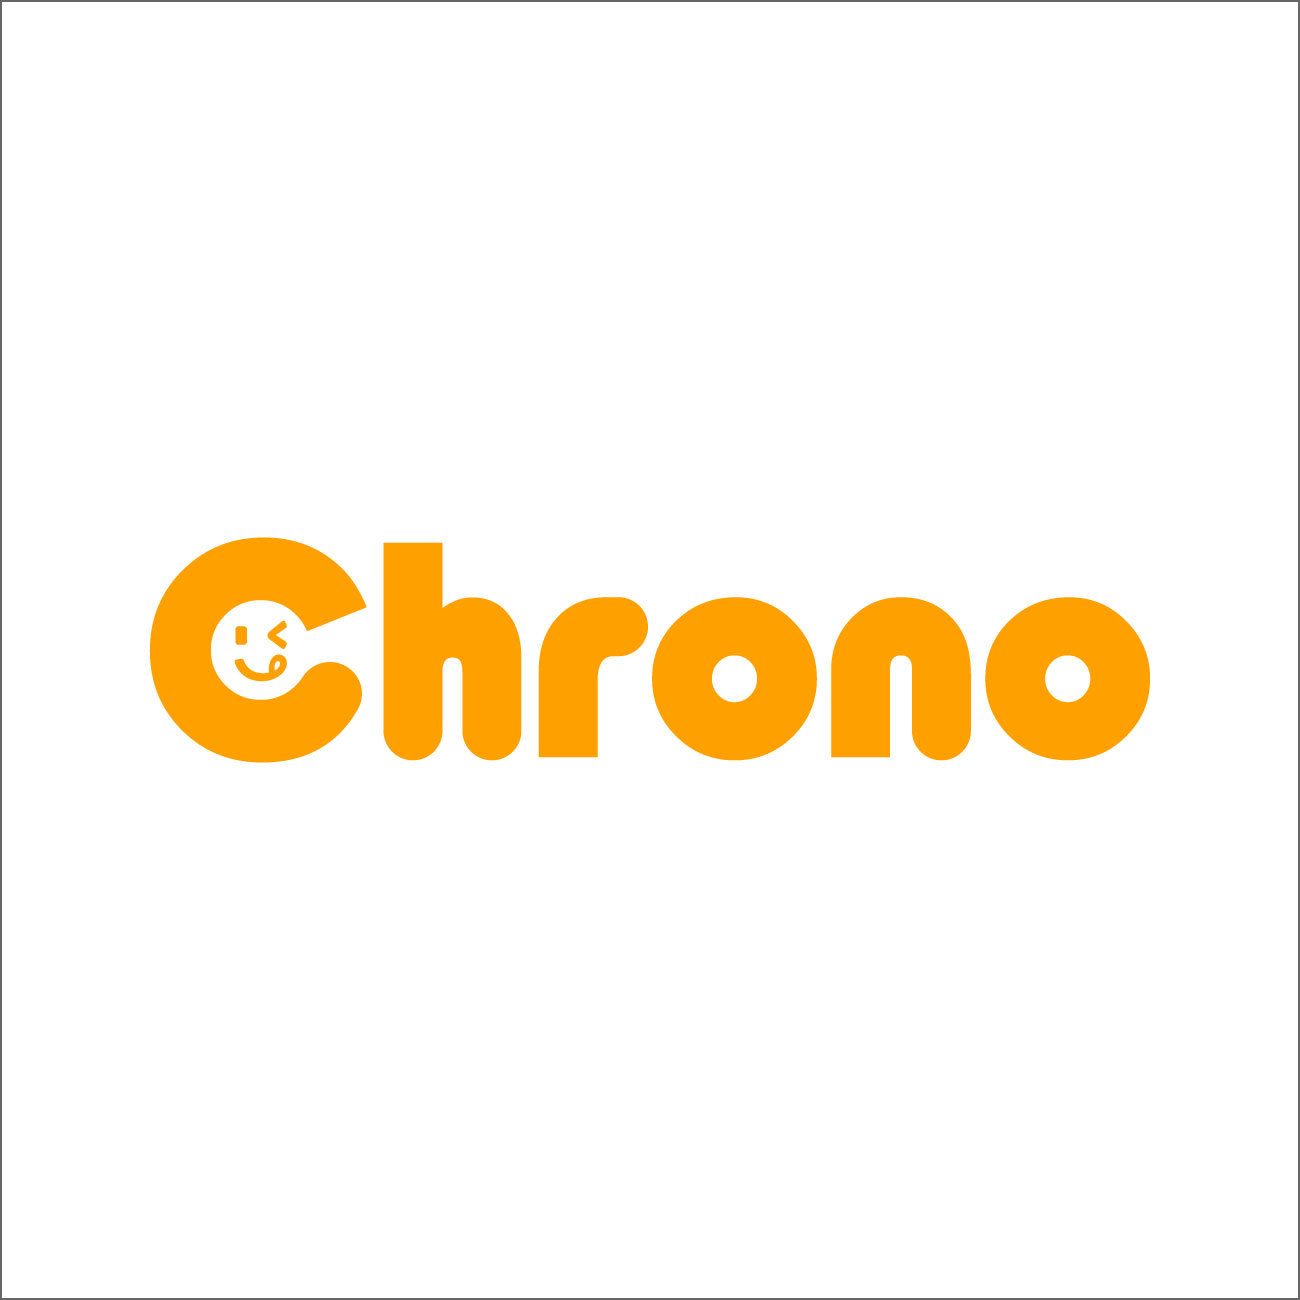 Chrono (クロノ) アプリ ロゴタイプ